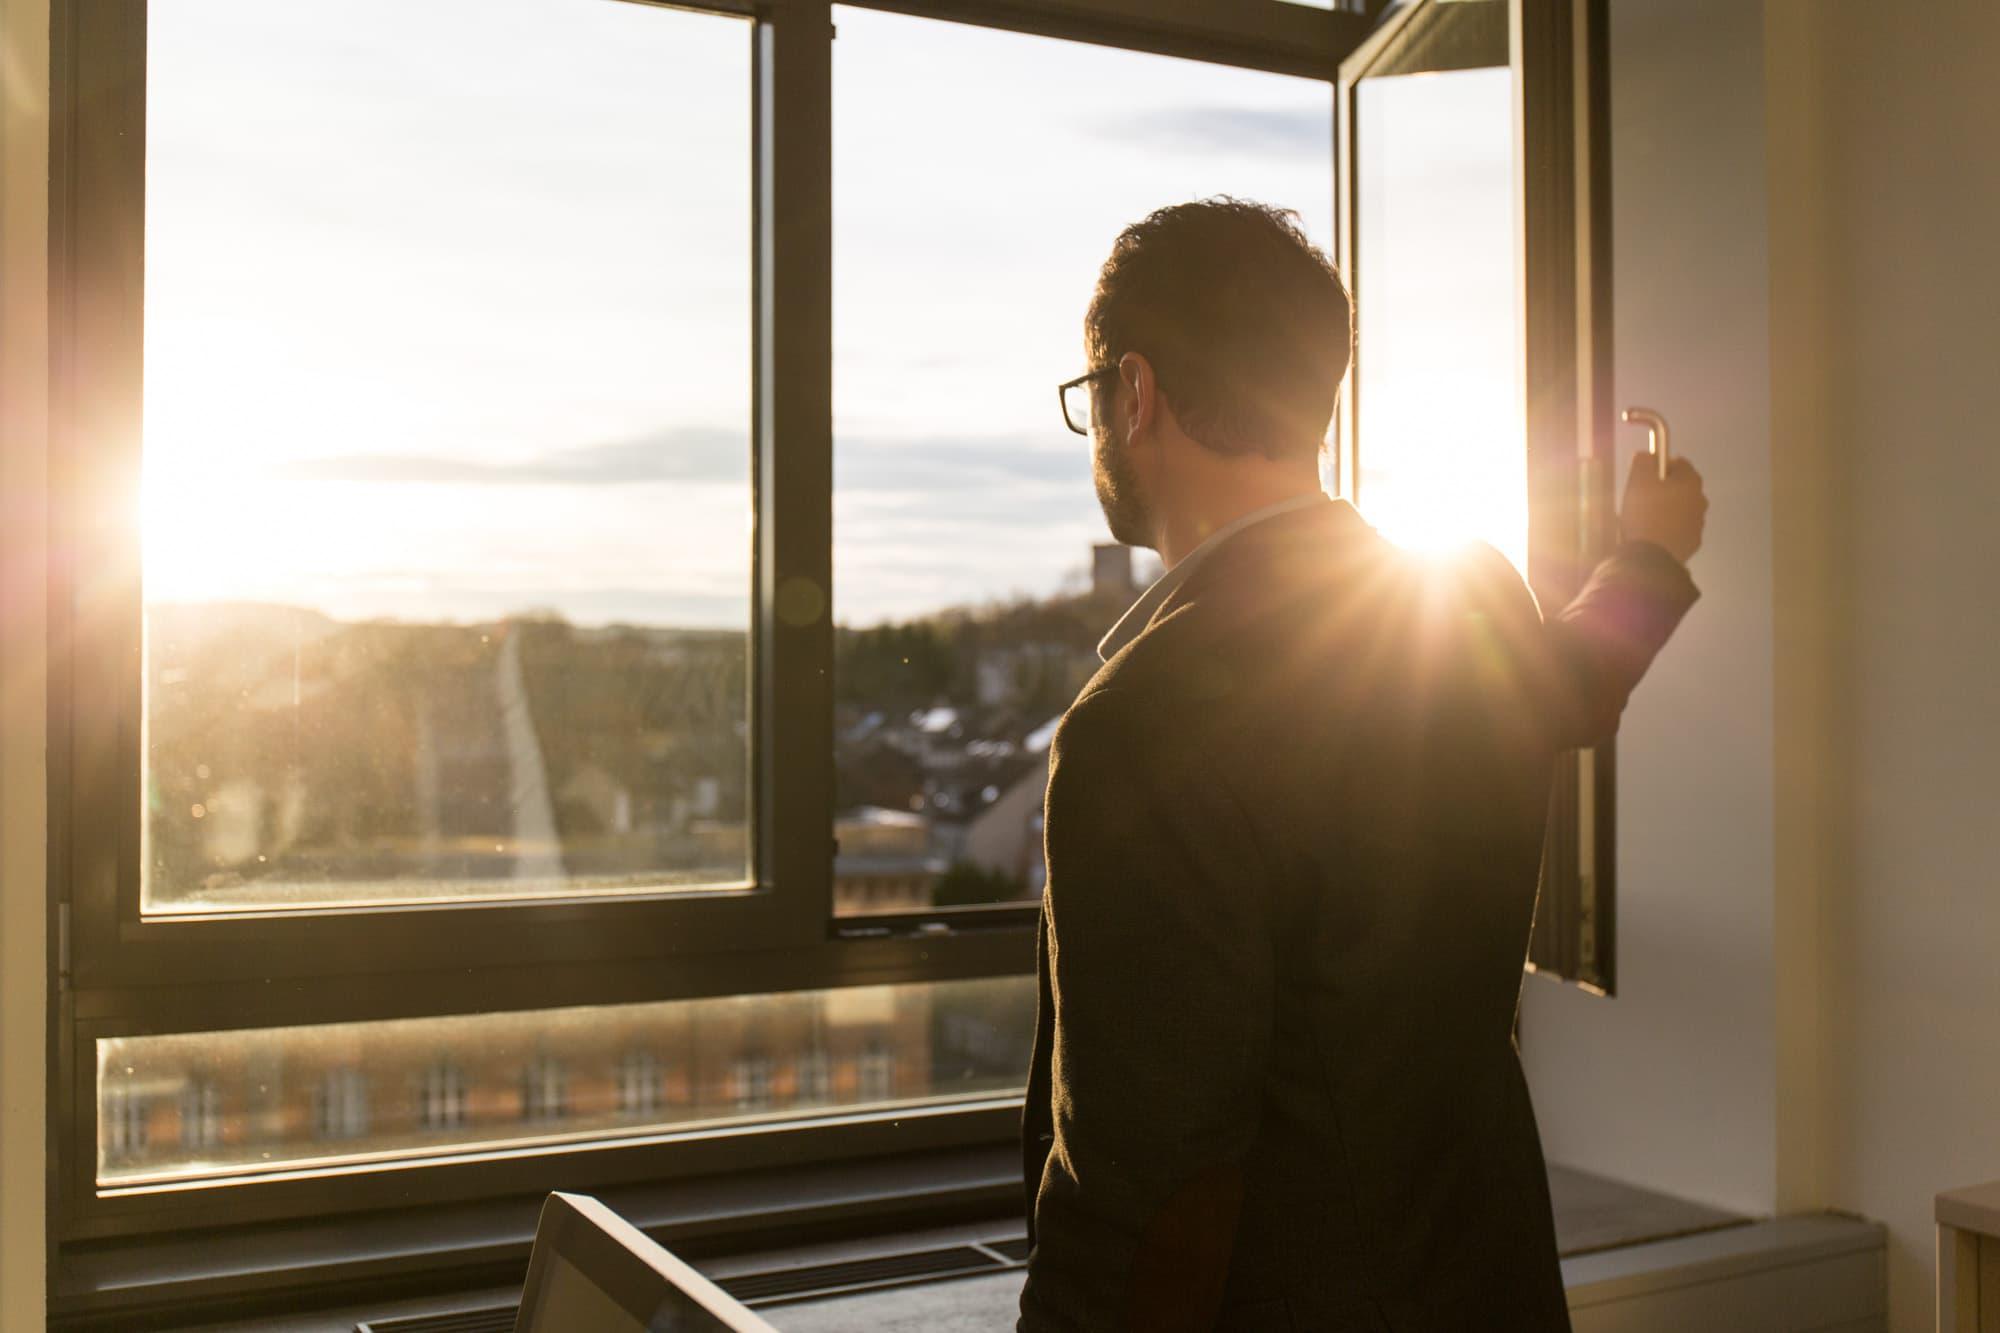 Prof. Robert Böhm blickt aus dem Fenster auf das die Abendsonne scheint